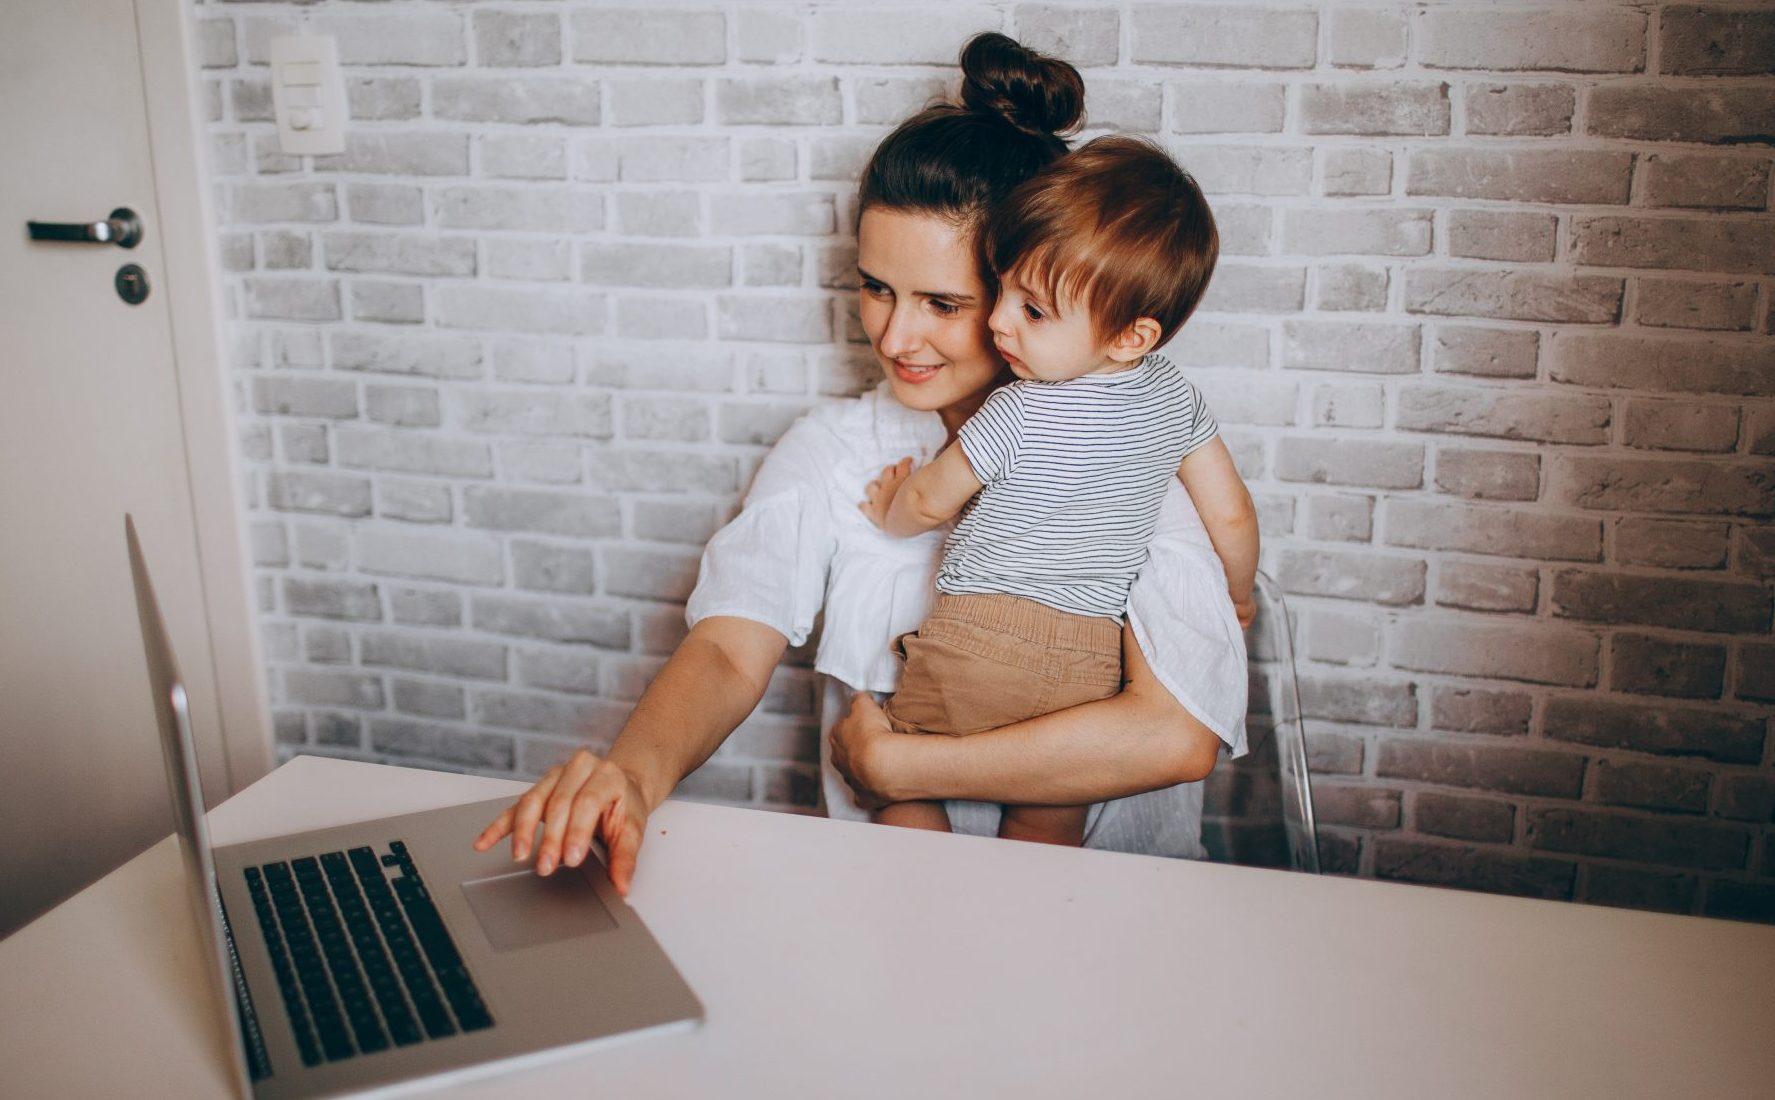 Τα 2/3 των γονέων που δουλεύουν από το σπίτι, δεν θέλουν να επιστρέψουν στο γραφείο Η πανδημία είναι εξαιρετικά στρεσογόνα για όλους μας. Όμως, ως γονείς που εργαζόμαστε από το σπίτι, μπορούμε να βρούμε αρκετά θετικά, ειδικά τις ώρες που τα μικρά μας έκαναν τηλεκπαίδευση. Μπορεί να πεταγόμασταν από δωμάτιο σε δωμάτιο συχνά, αφήνοντας για λίγο τη δουλειά μας, όμως σίγουρα νιώθαμε πιο άνετες.